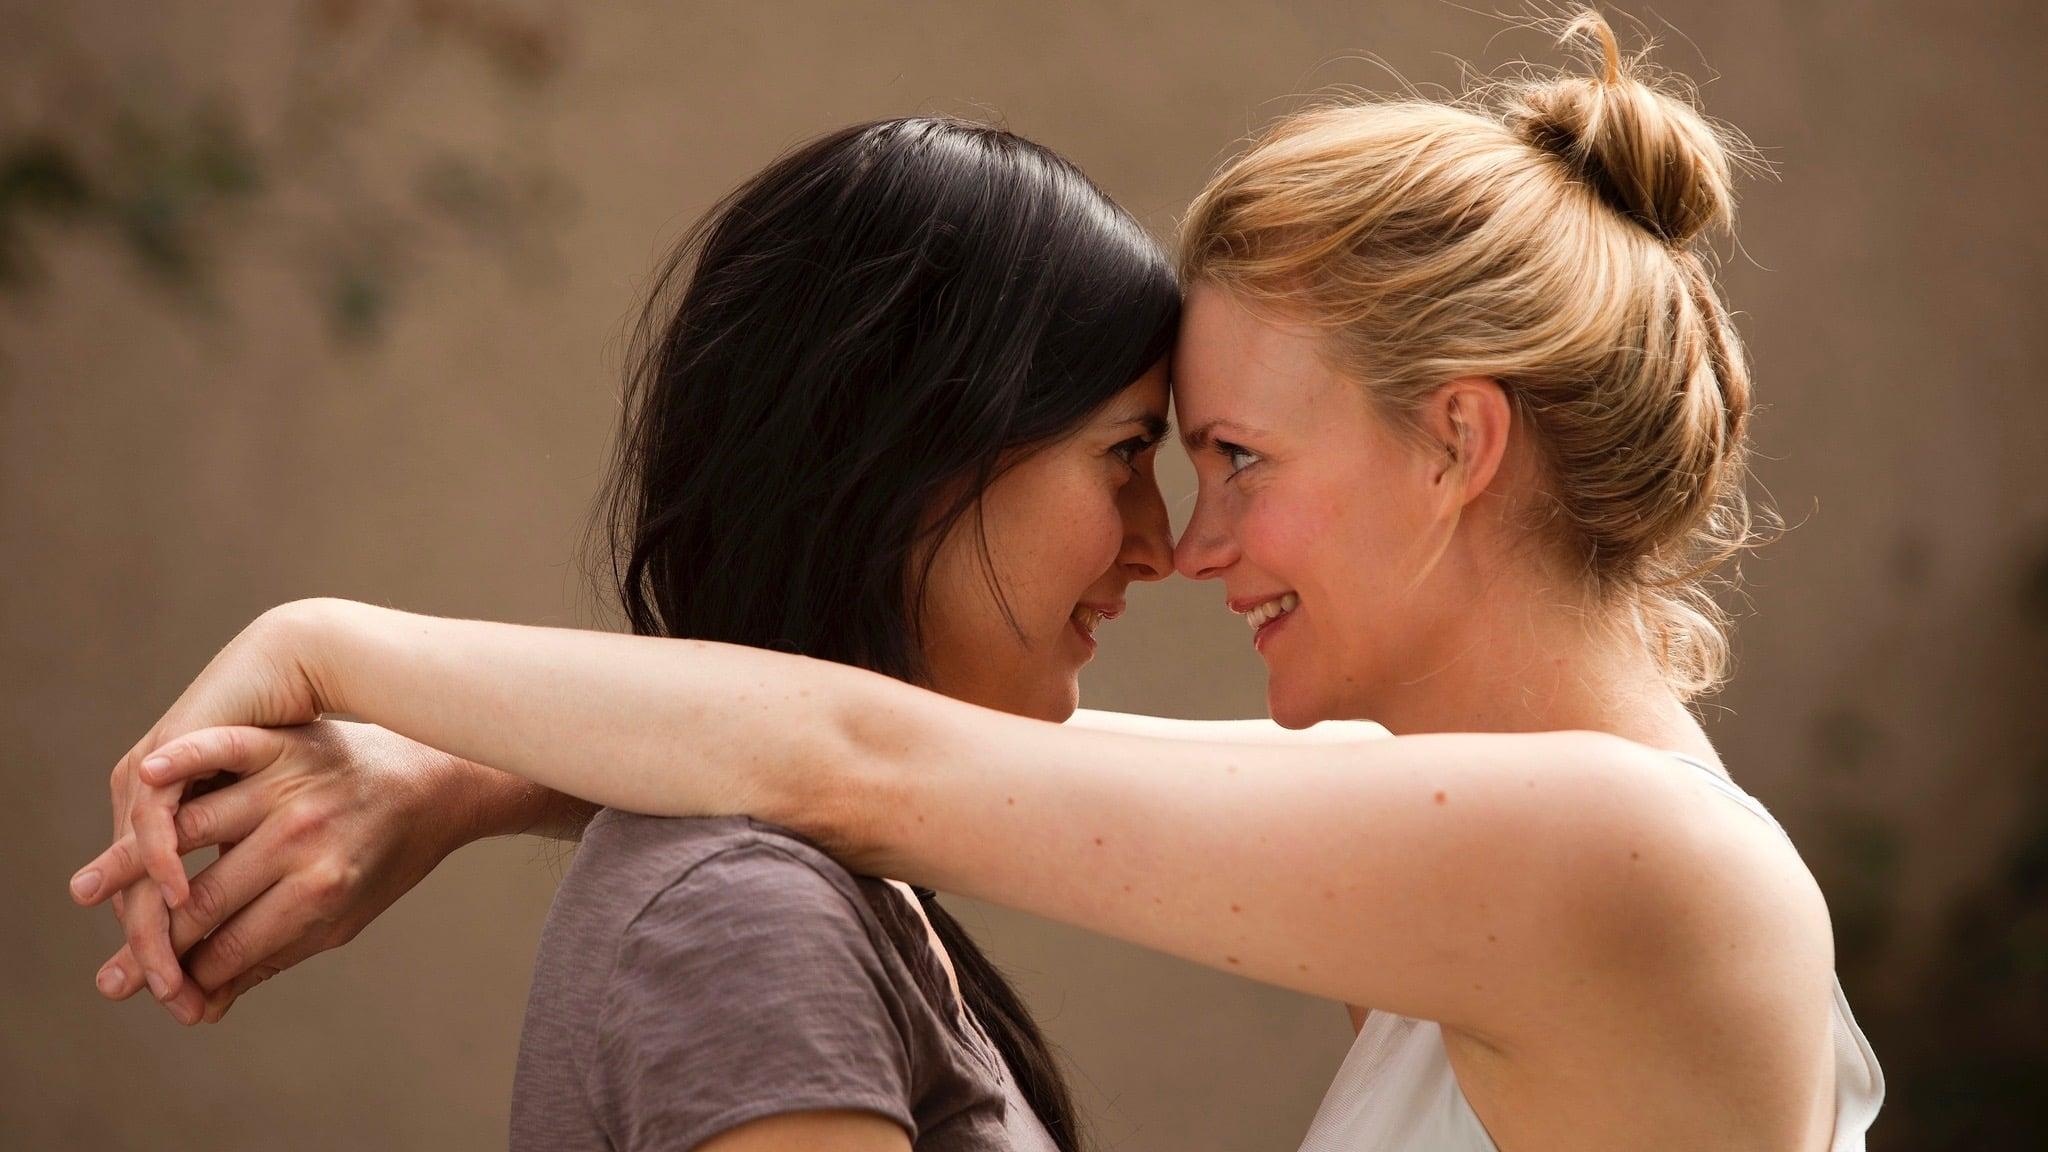 lesbiyanki-i-filmi-kinostok-arthaus-erotika